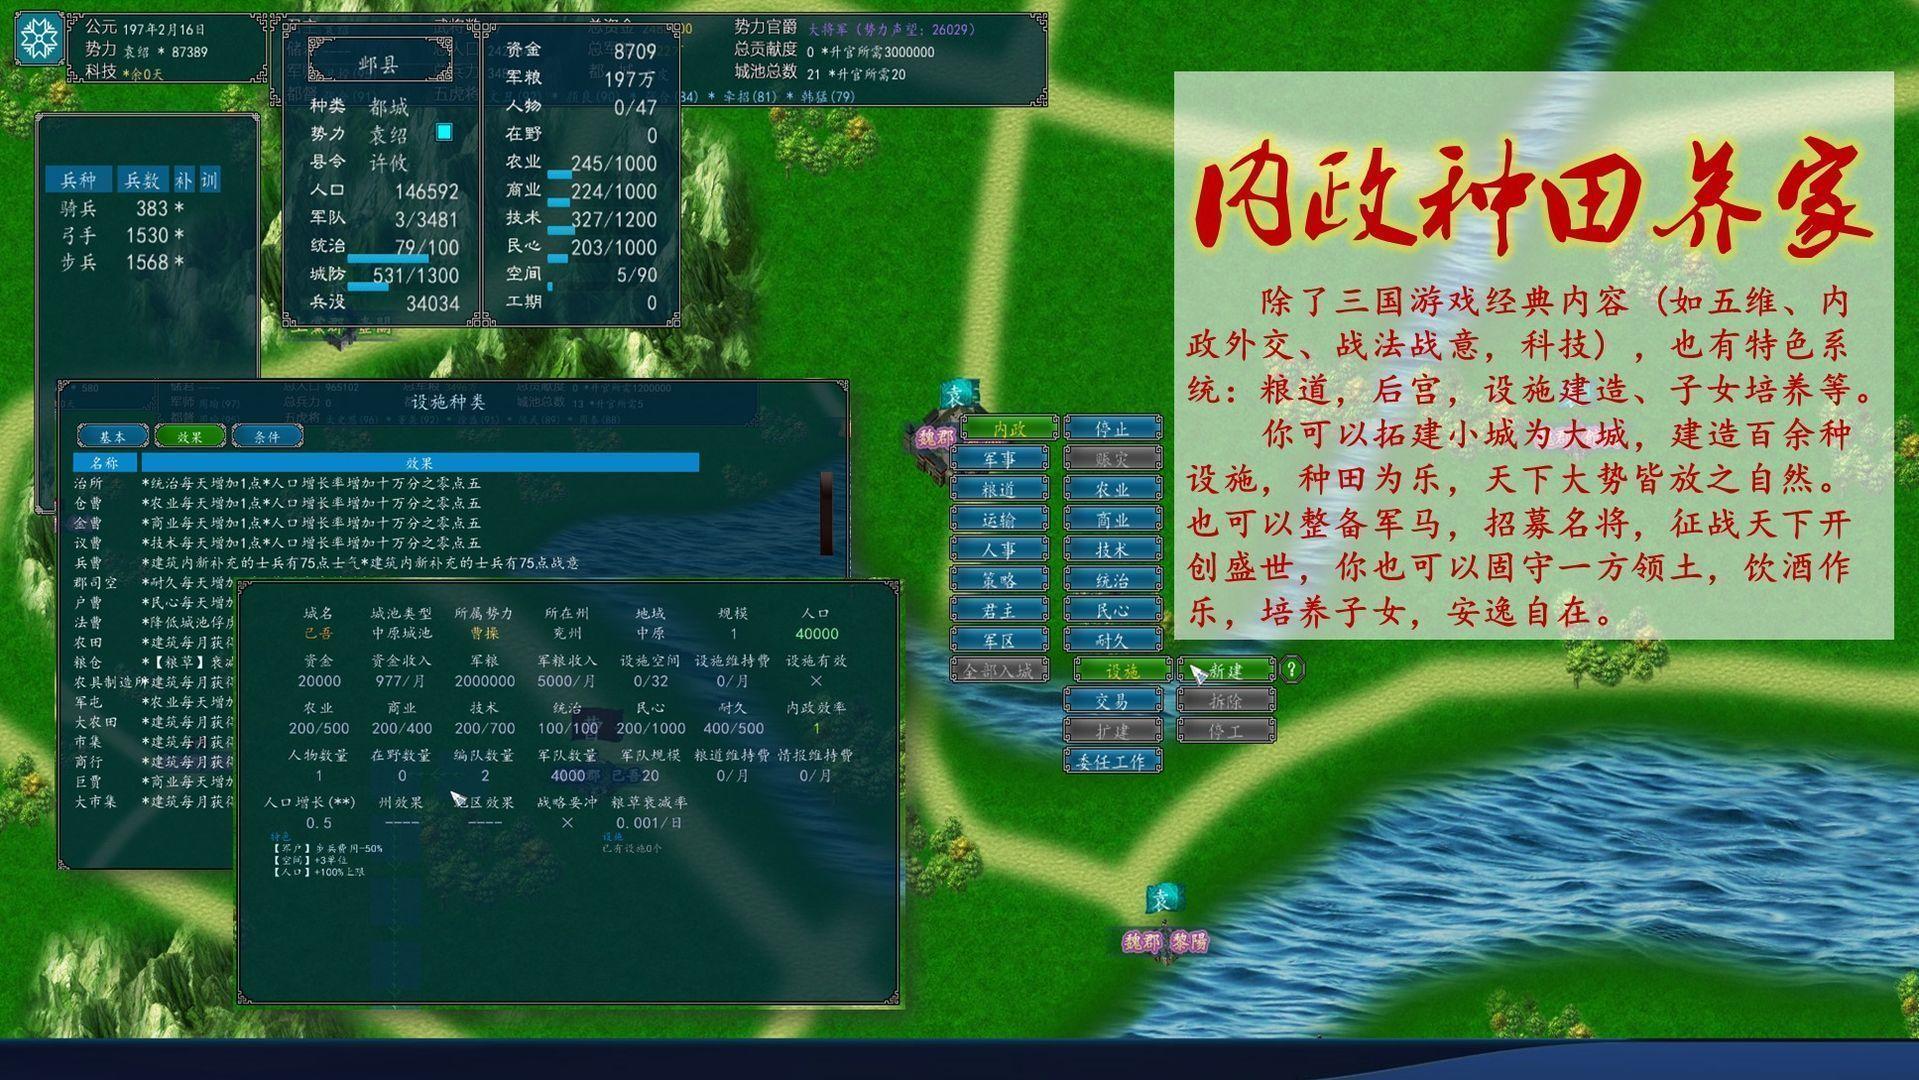 中华三国志手机版最新图3